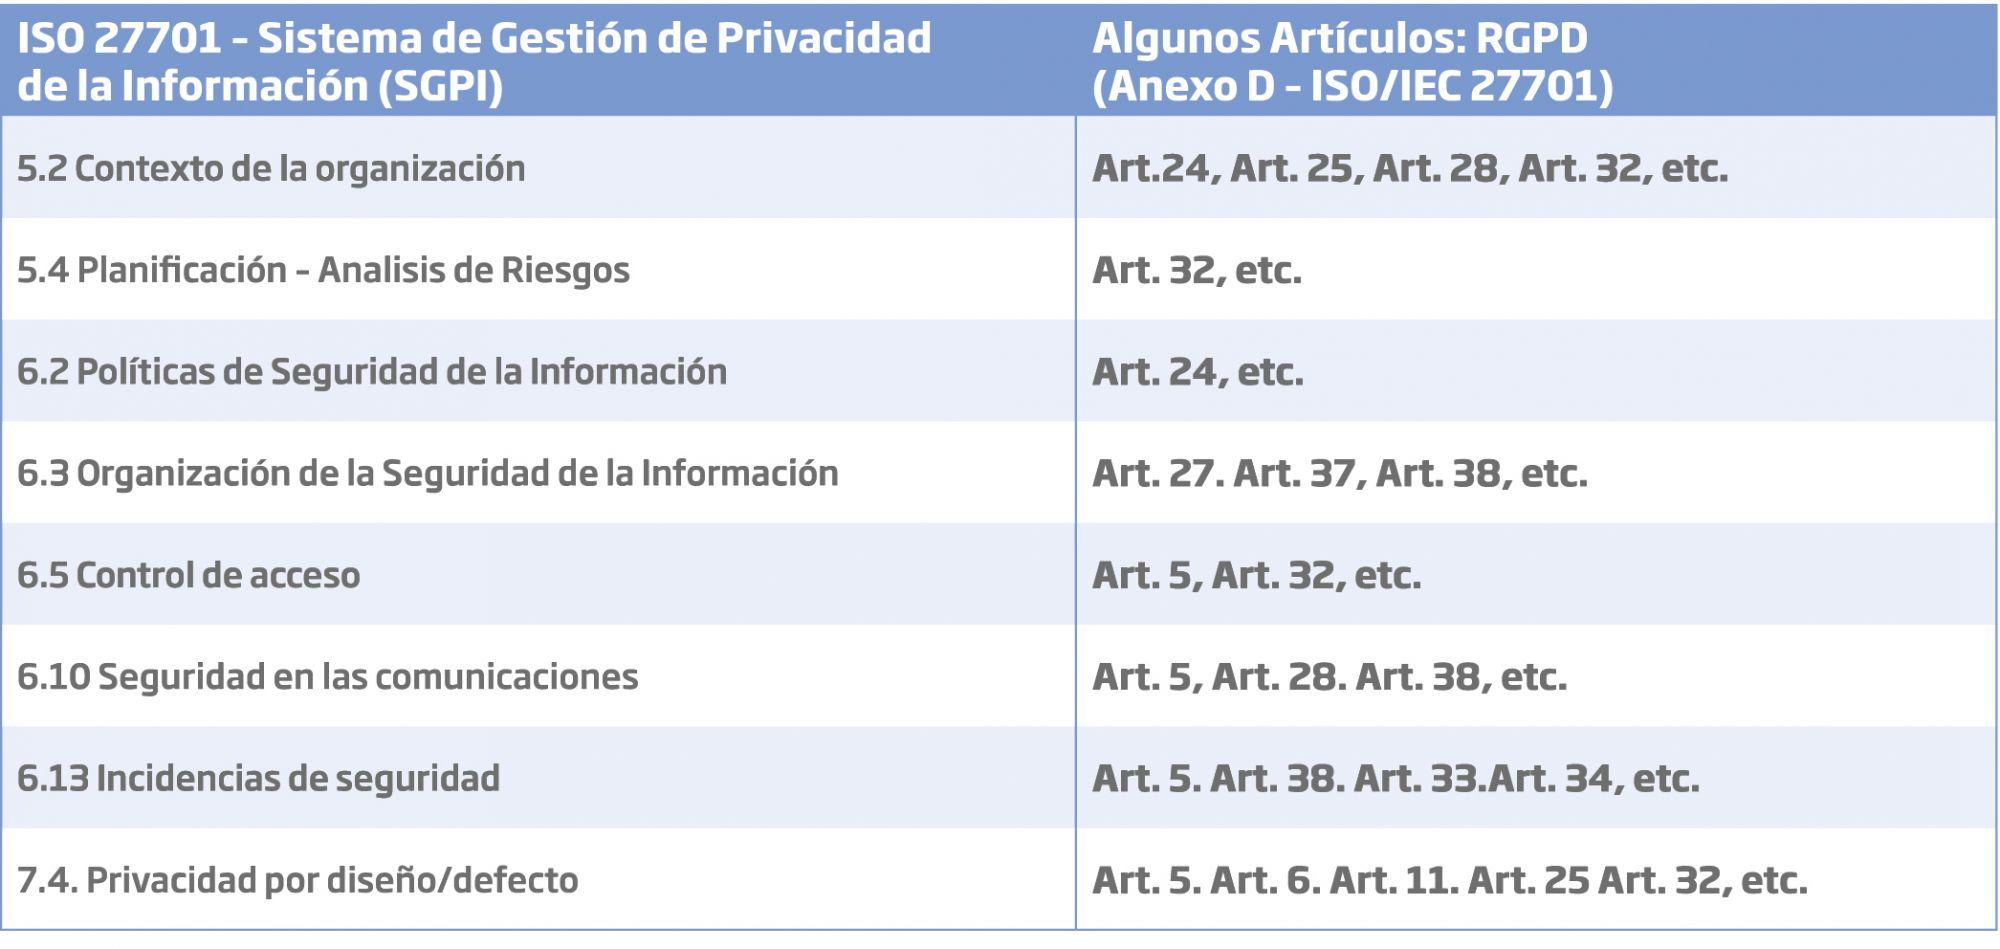 Tabla 2. Extracto orientativo de la relación ISO/IEC 27701 con Artículos del RGPD